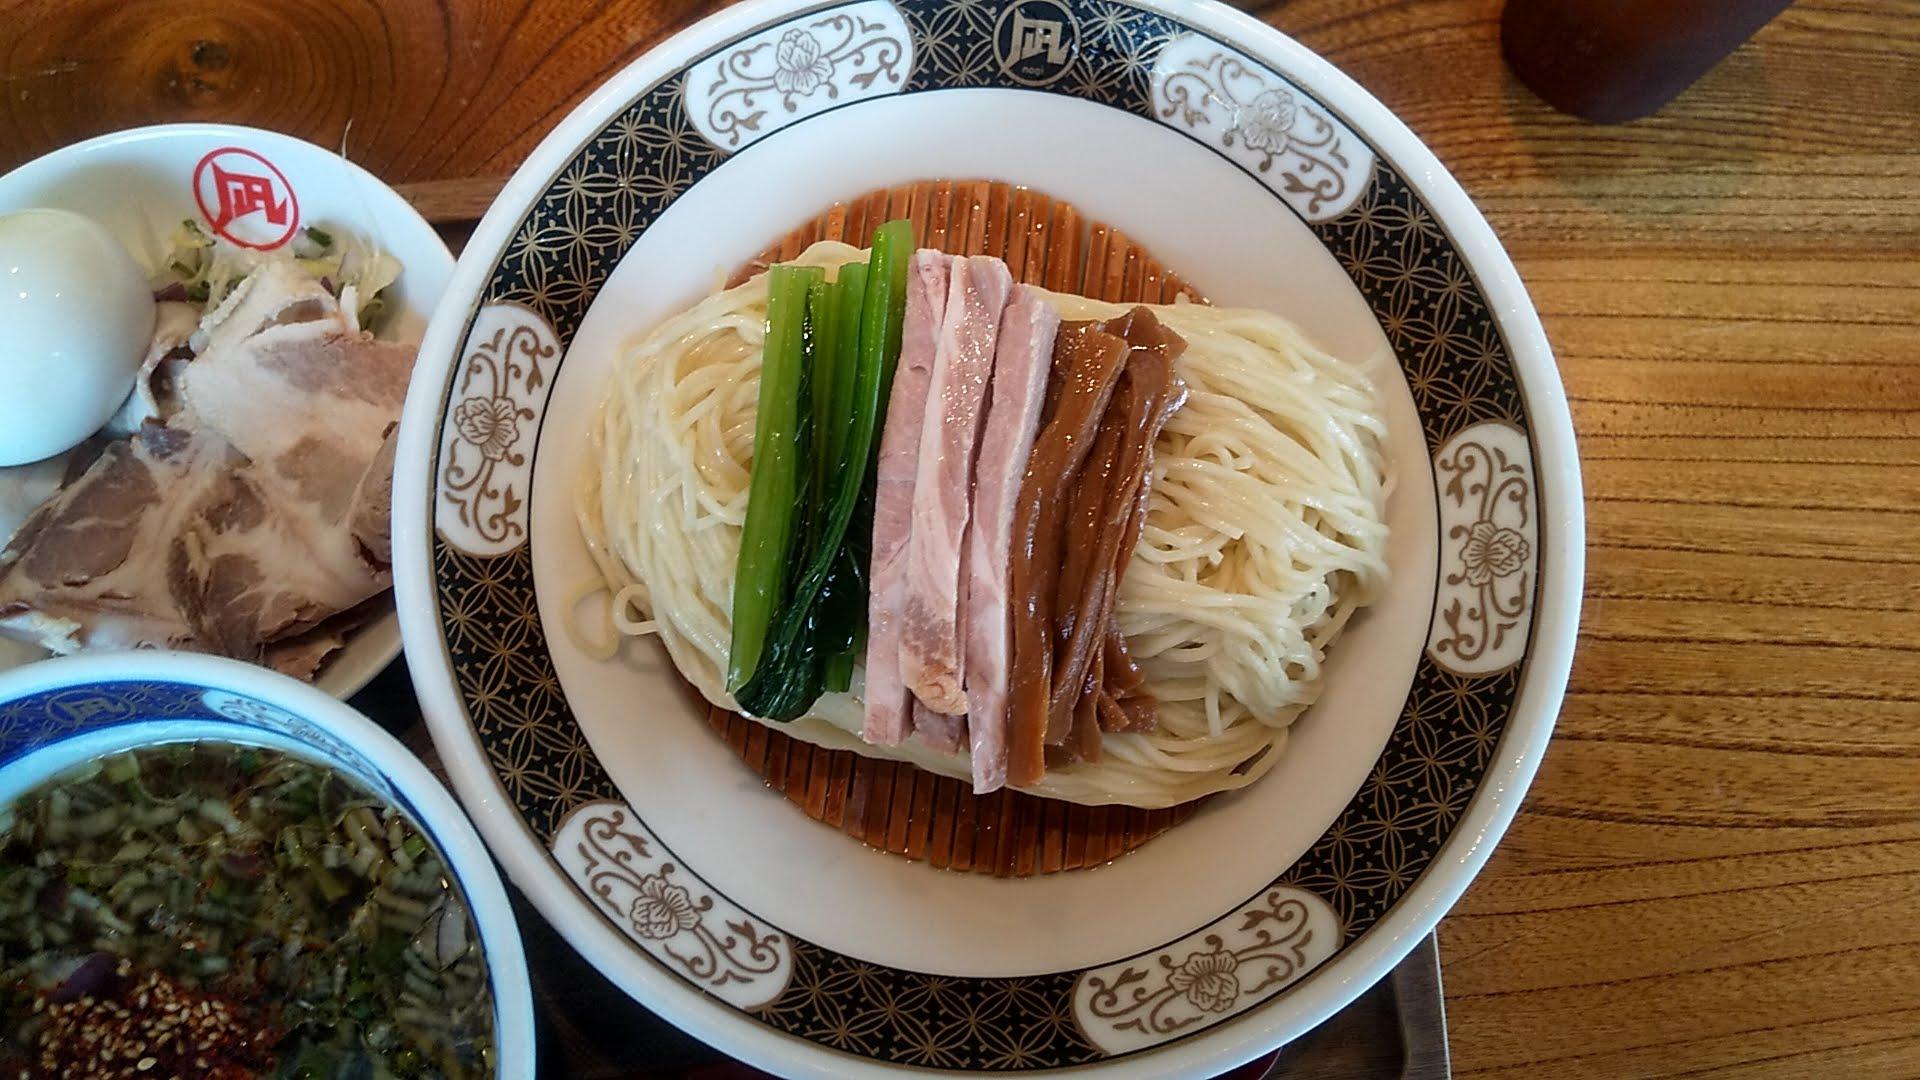 ラーメン凪浅草店の特製煮干しざる中華の麺皿